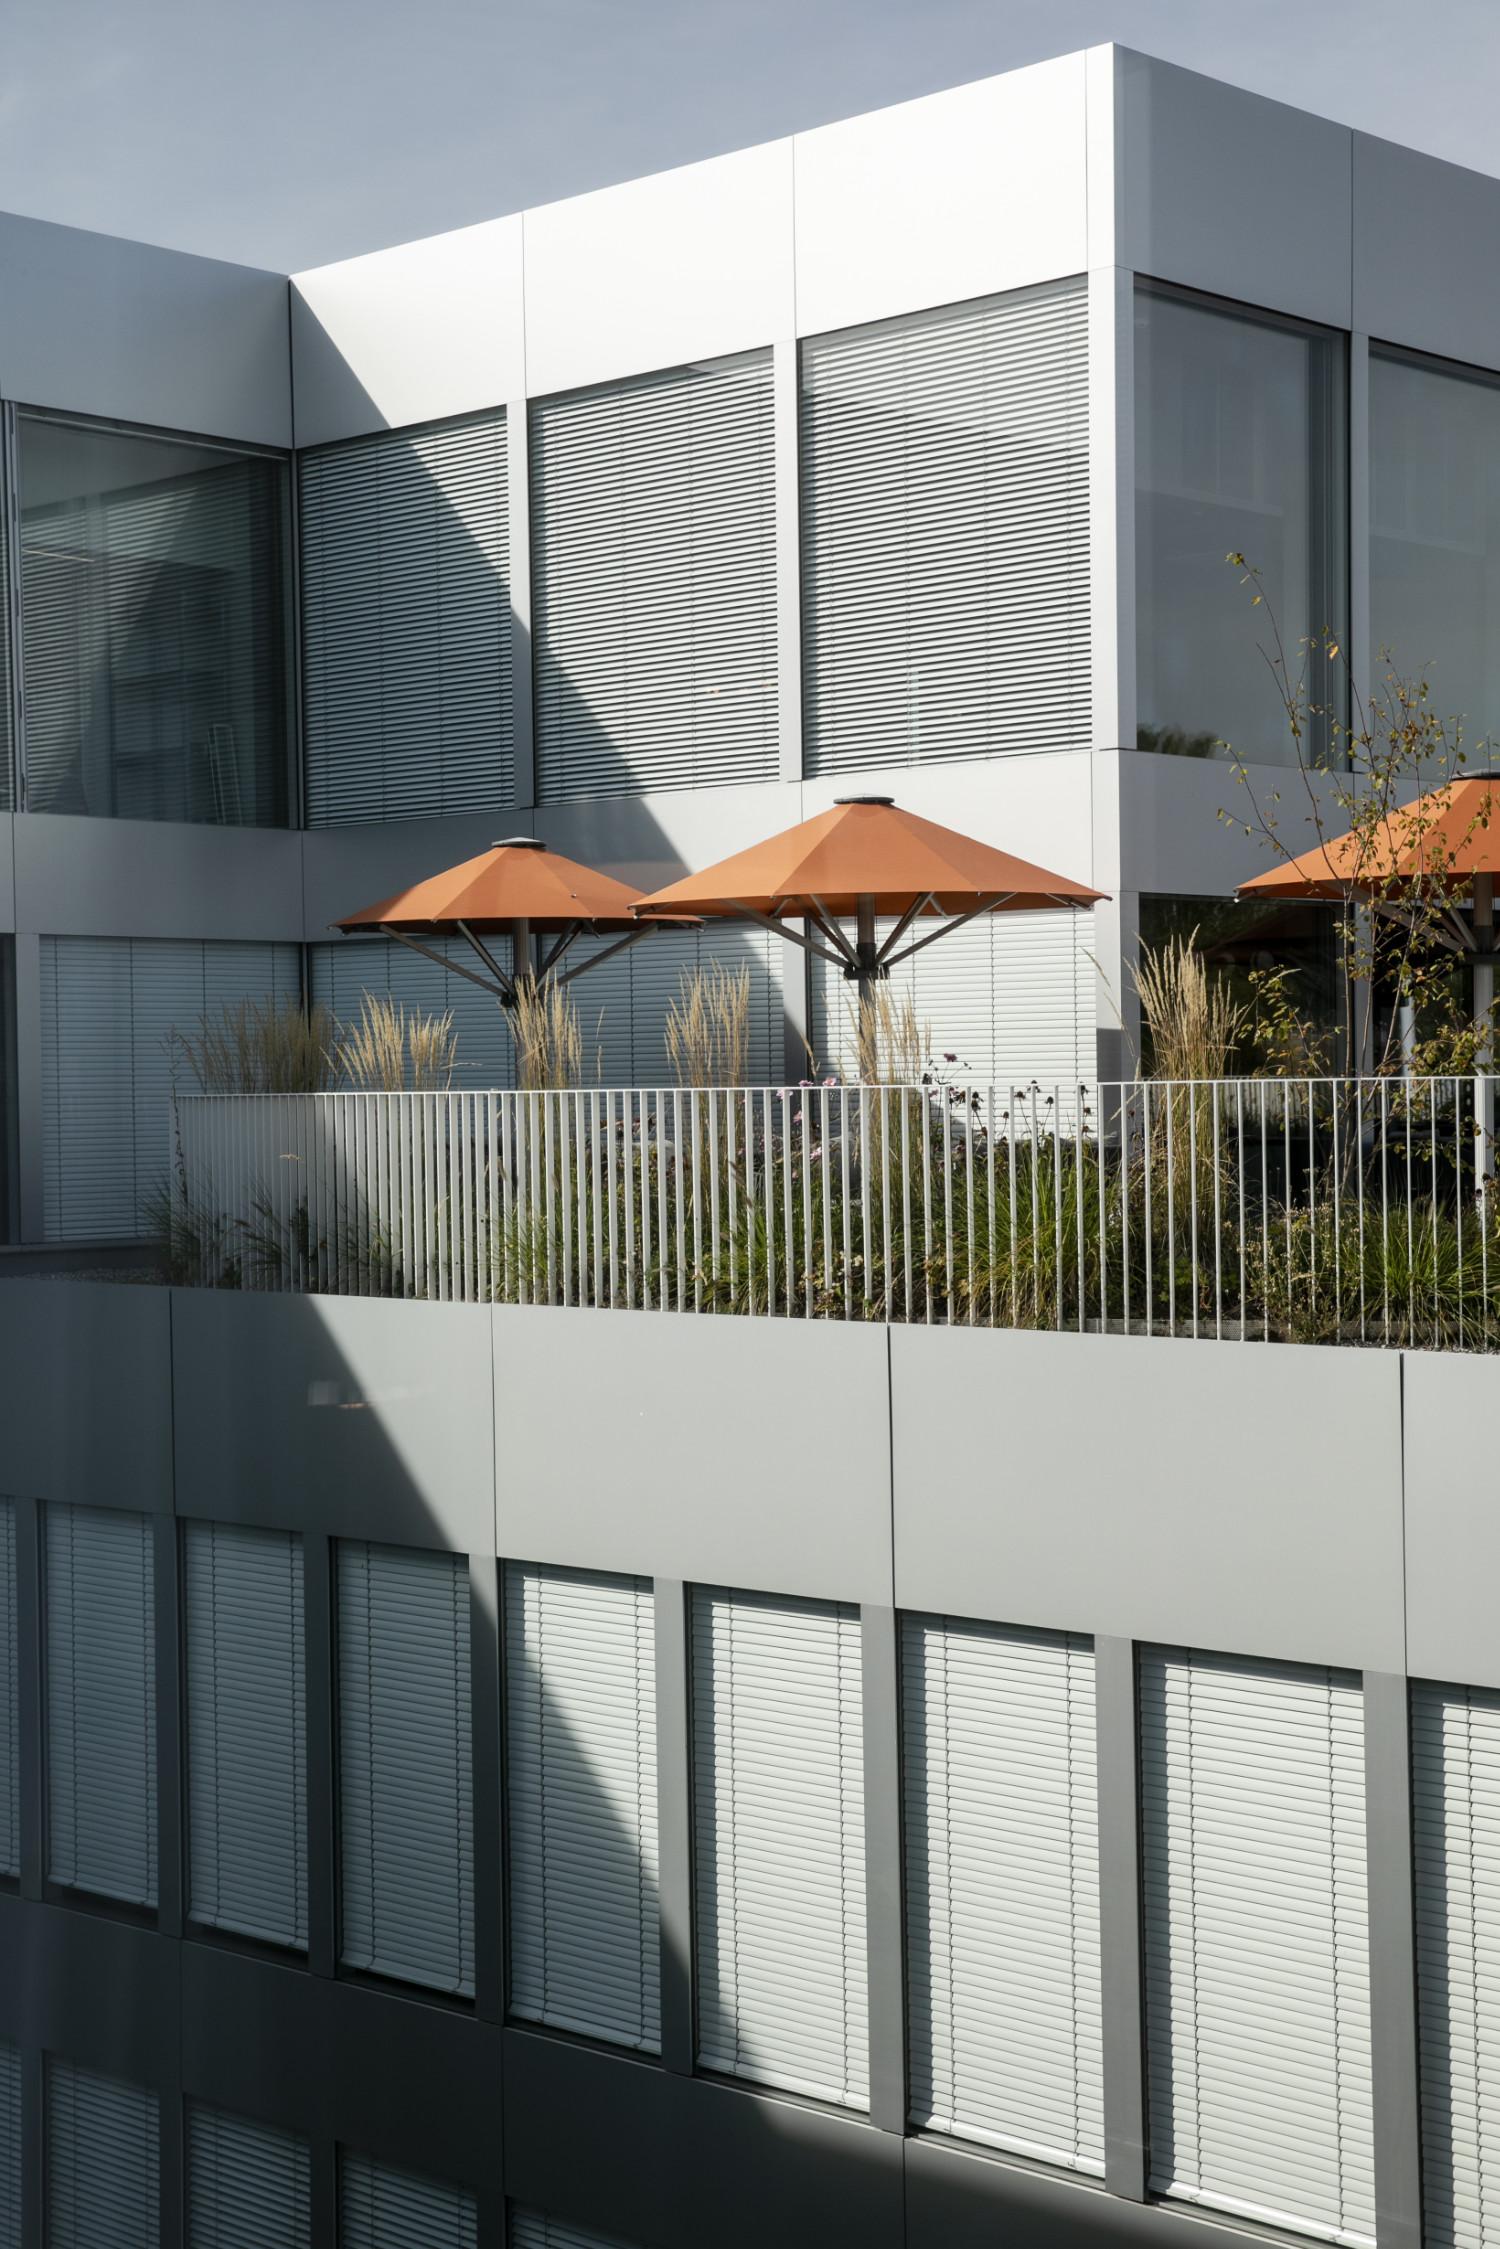 Das neue Hotel «Hyatt Regency» am Flughafen Zürich. Mehr Energieeffizienz und Nachhaltigkeit dank Gebäudeautomation.